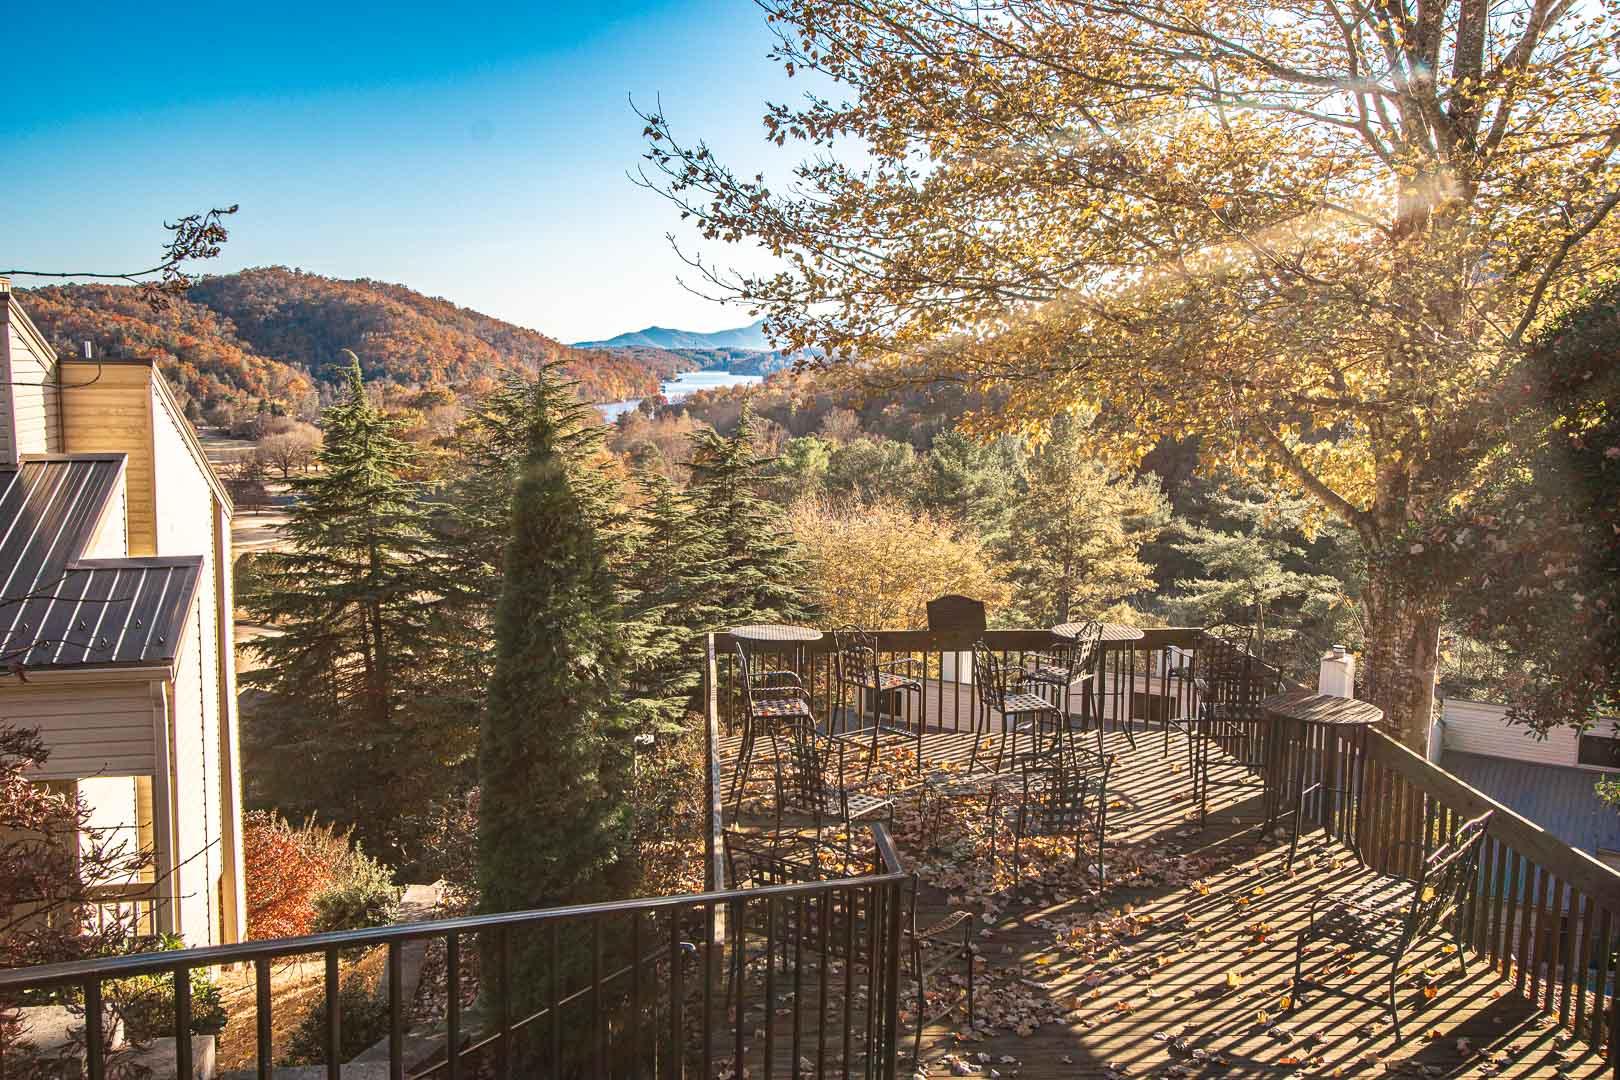 A scenic view at VRI's Mountain Loft Resort in North Carolina.